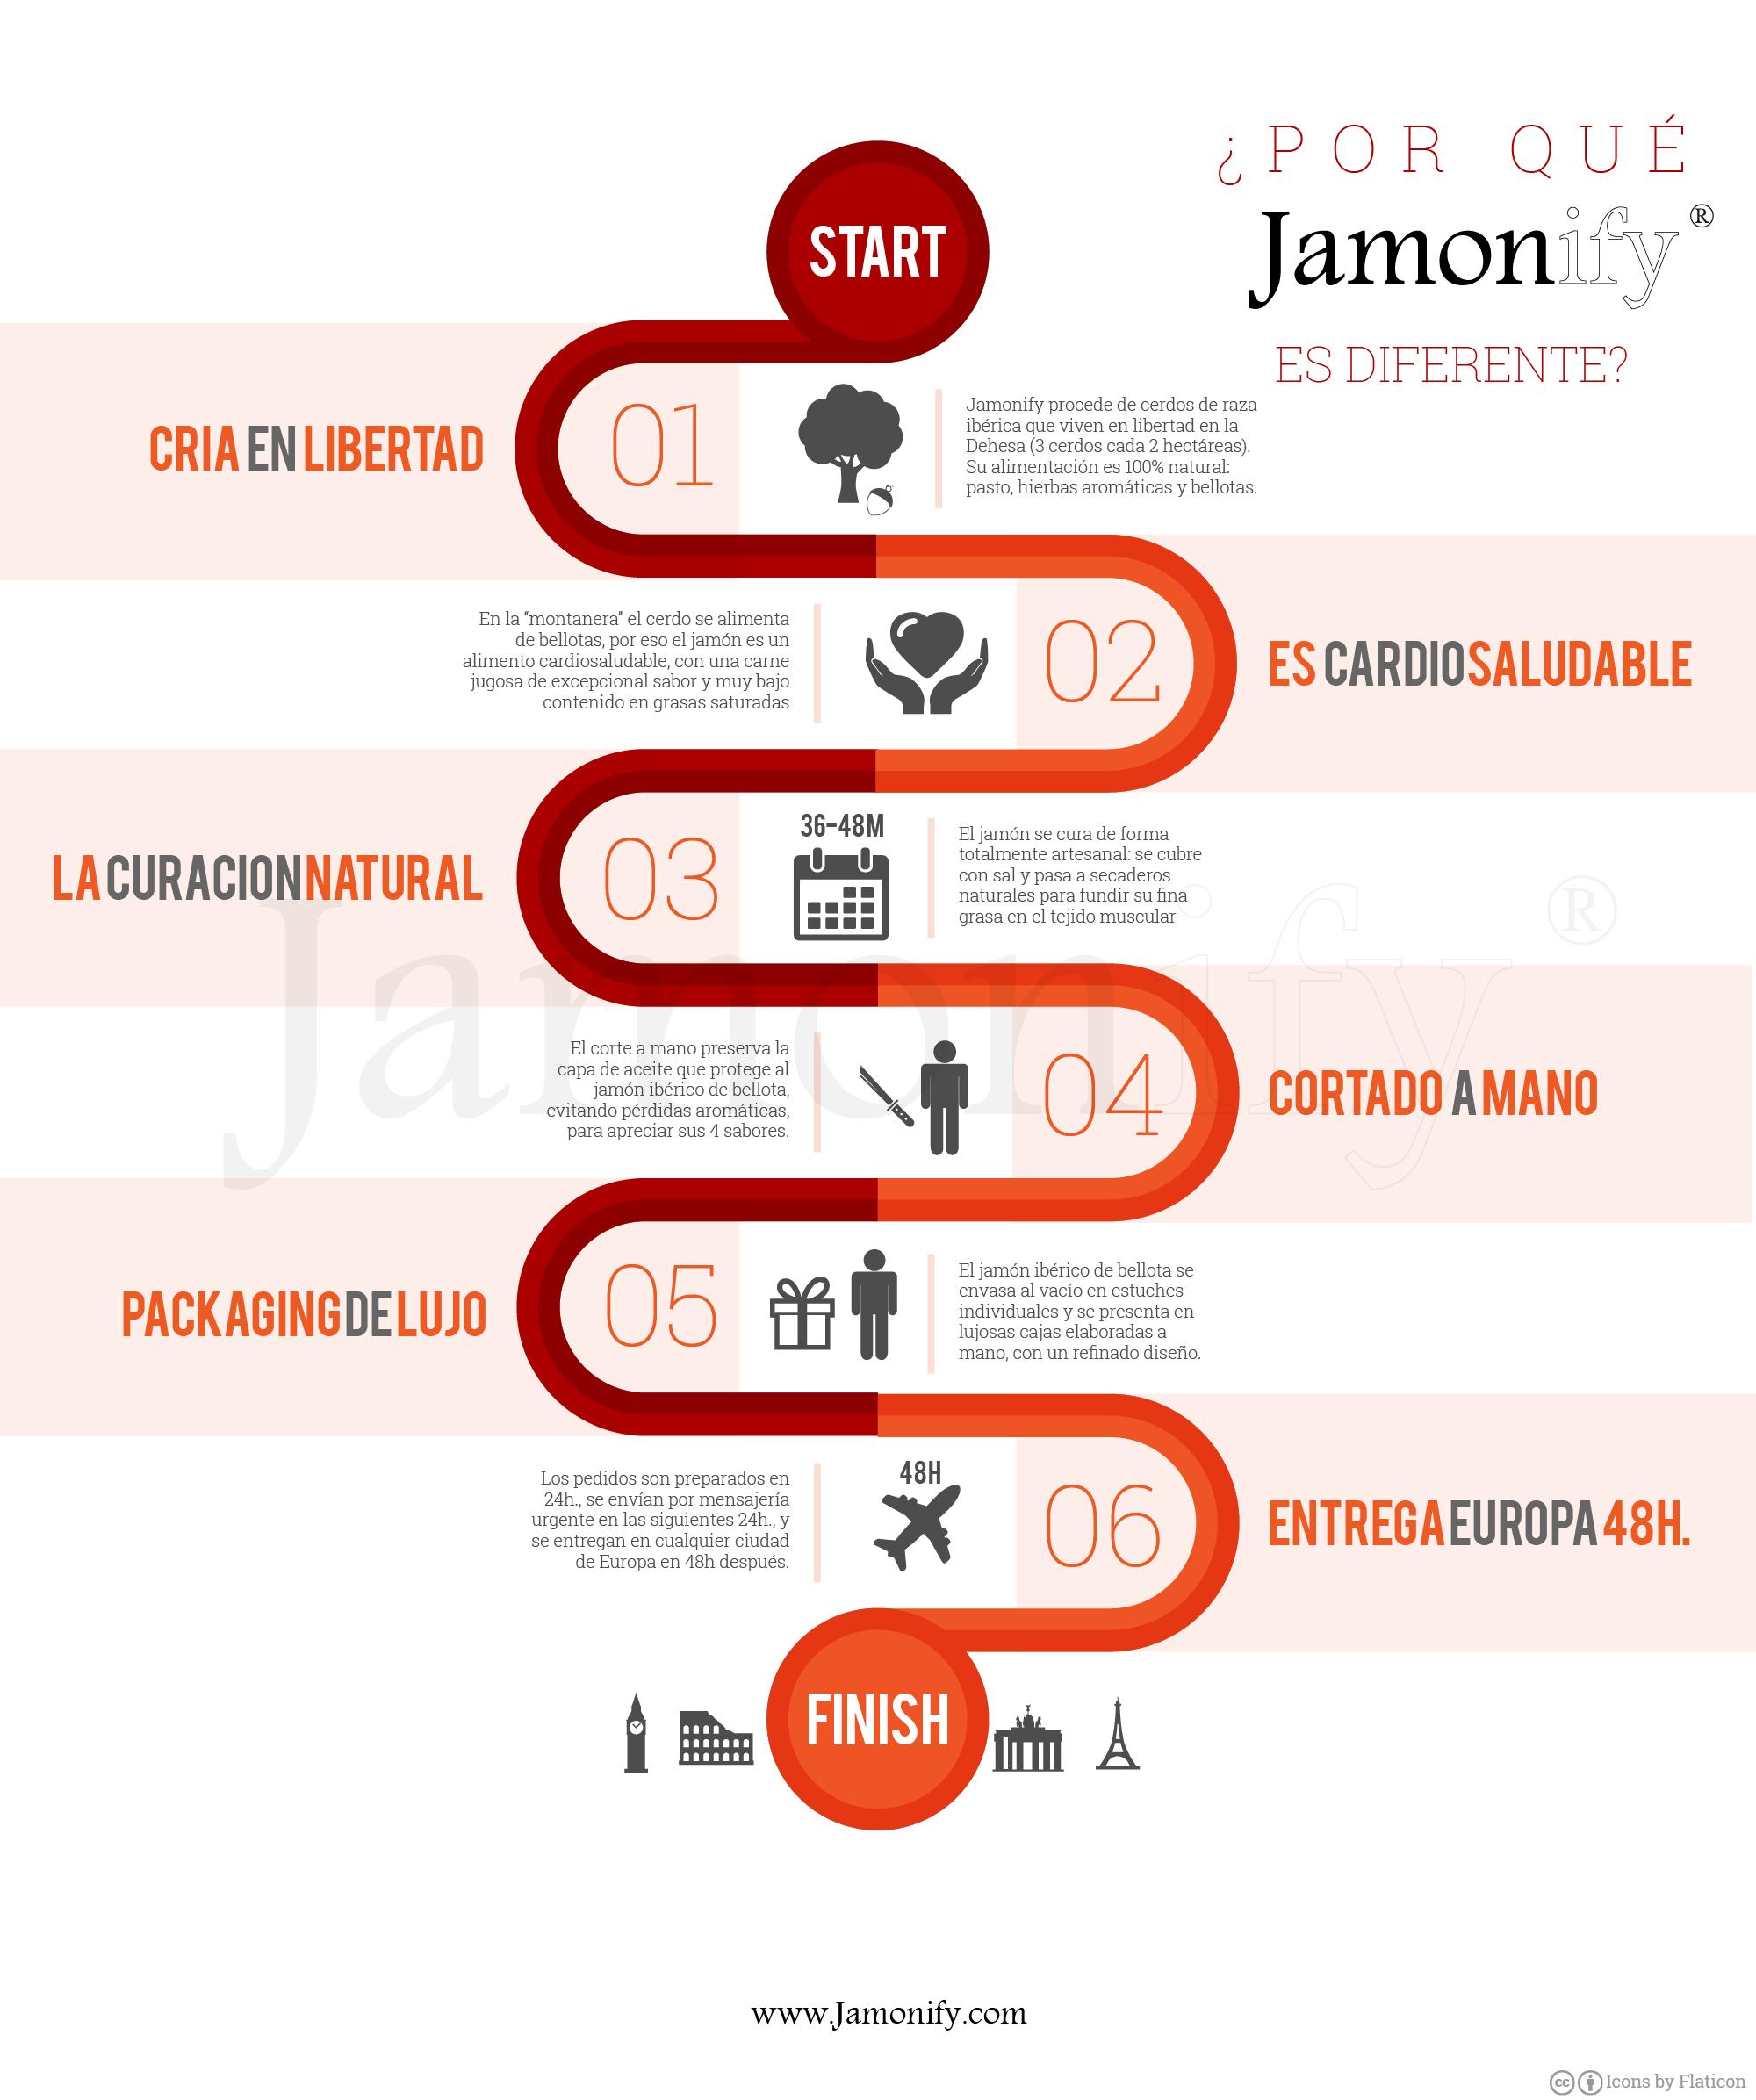 ¿Por qué Jamonify es diferente?